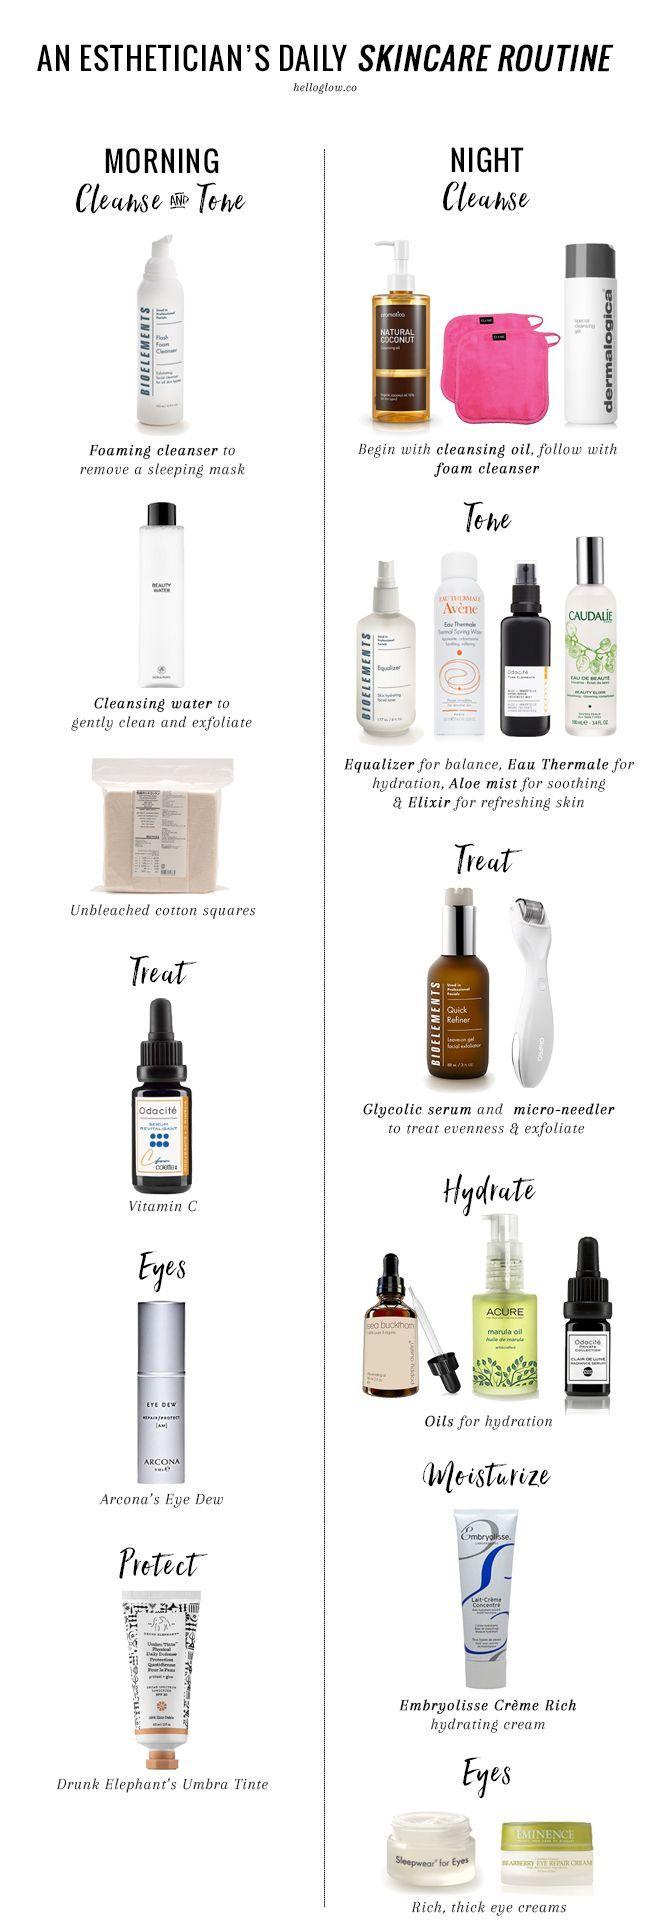 25 + › Unsere Kosmetikerin berichtet über ihre tägliche Winterpflege helloglow.co / …